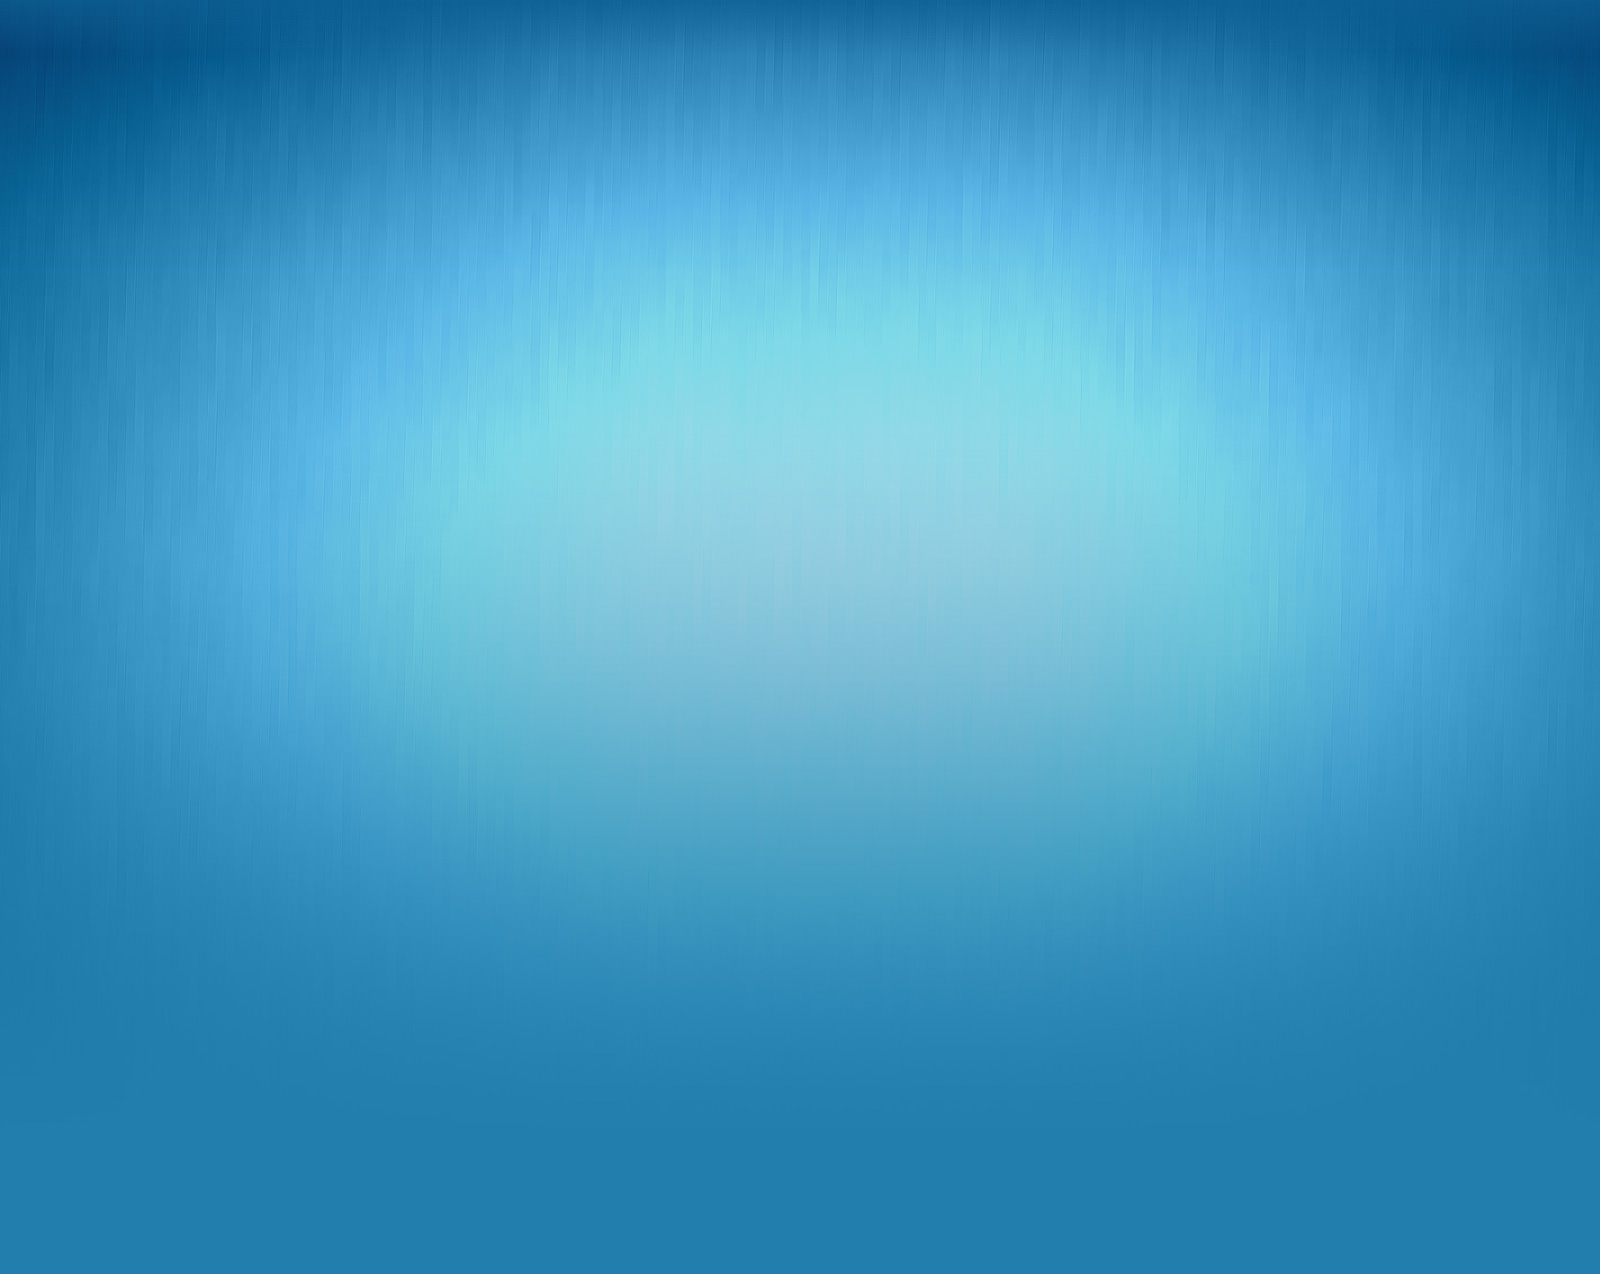 free website backgrounds html | Slide Background Image